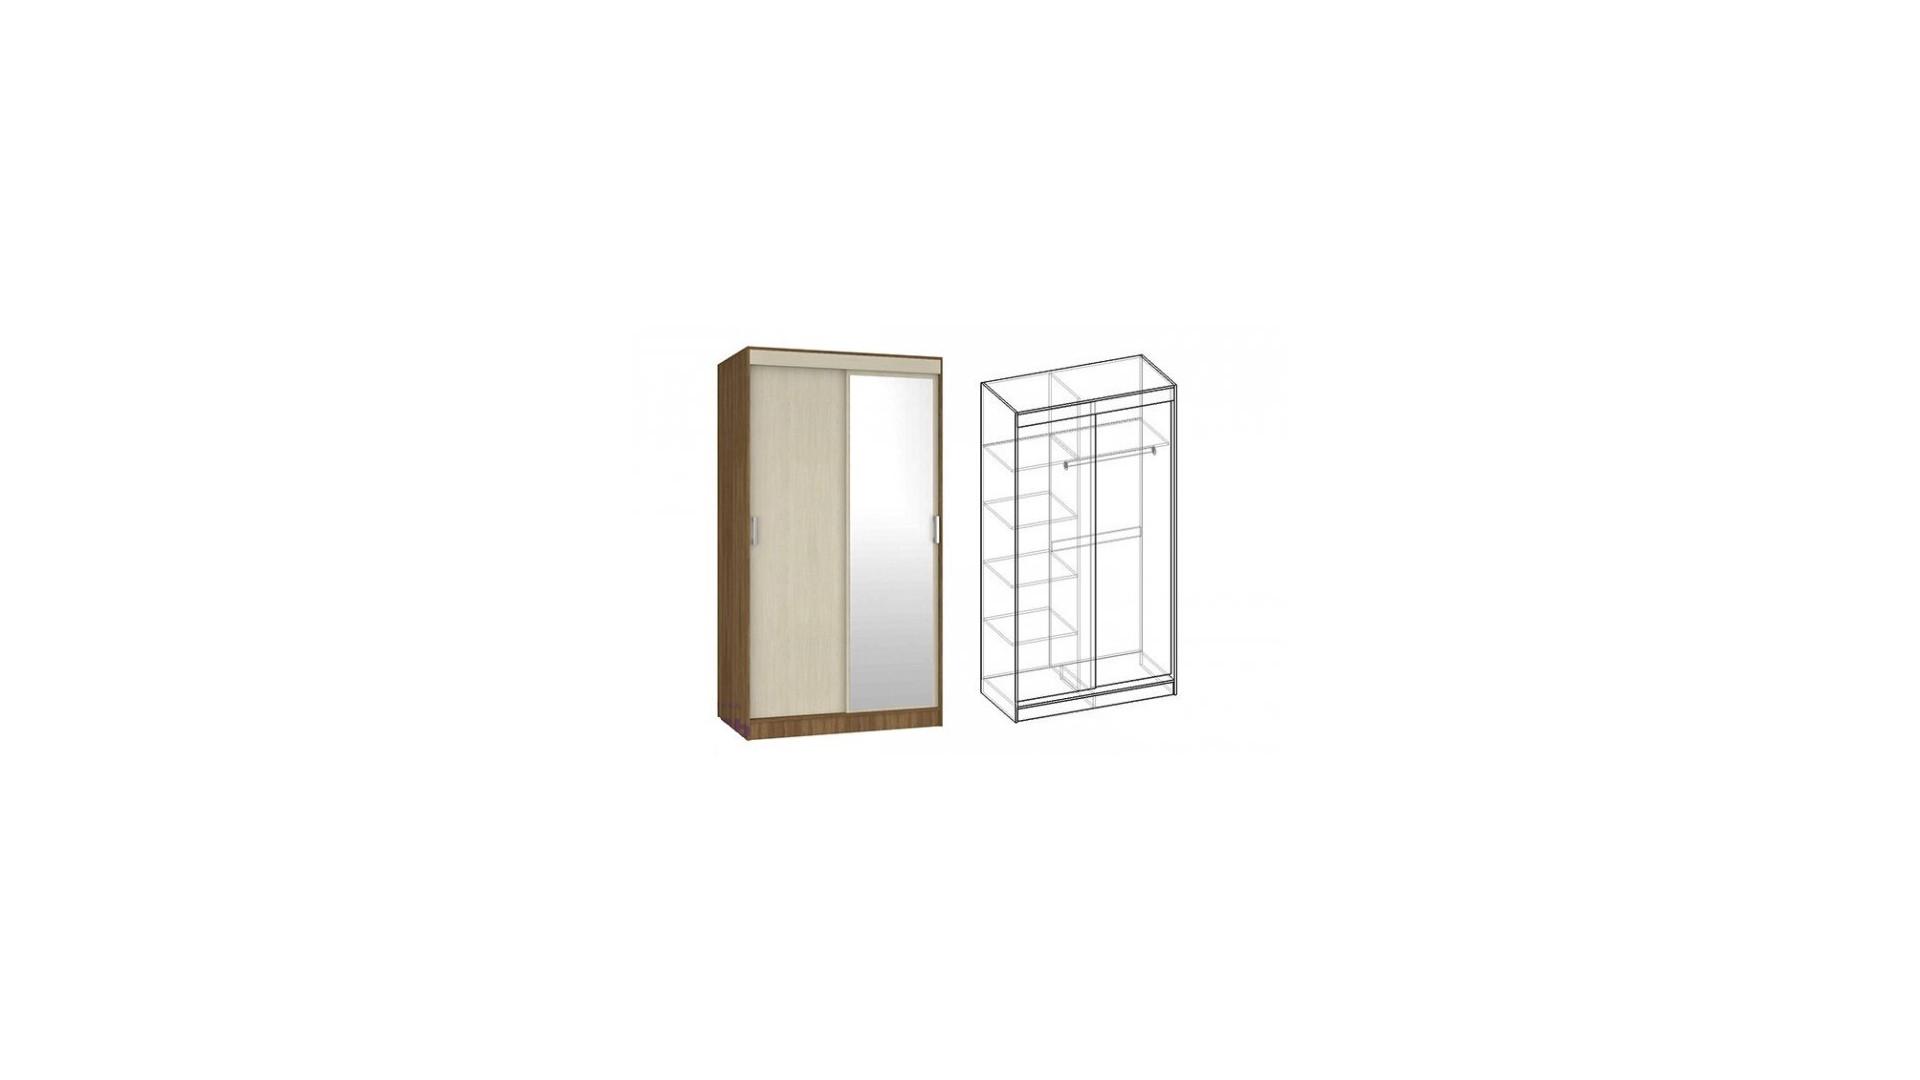 Шкаф-купе 2-х створчатый с ящиками 1350 с 1 зеркалом Светлана Ясень шимо темный/Ясень шимо светлый